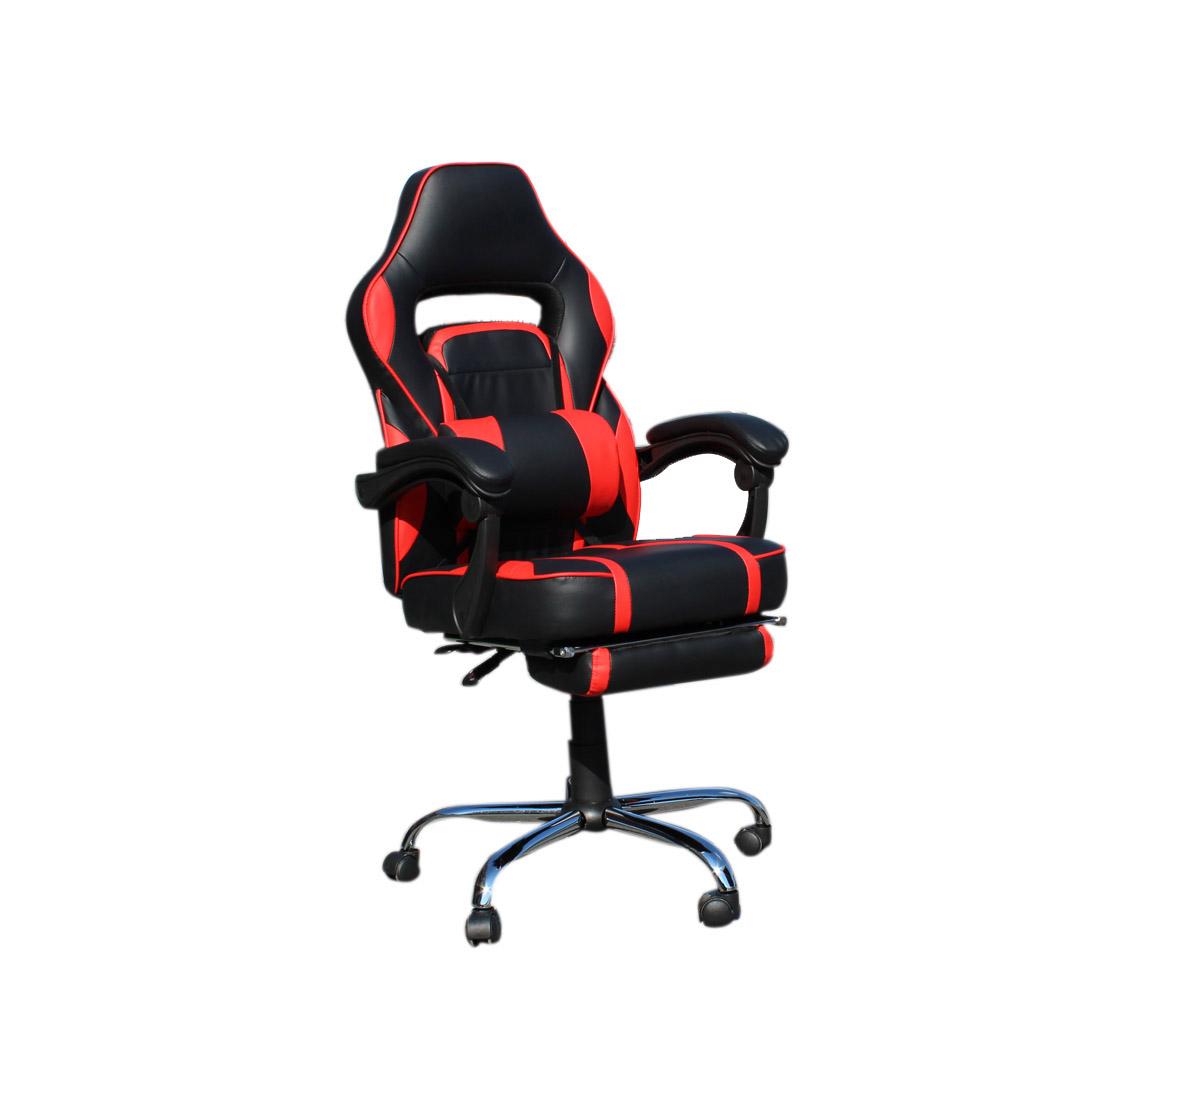 """Πολυθρόνα """"GAMING"""" με μαξιλάρι από PU/PVC σε χρώμα μαύρο/κόκκινο 62x62x112/122"""